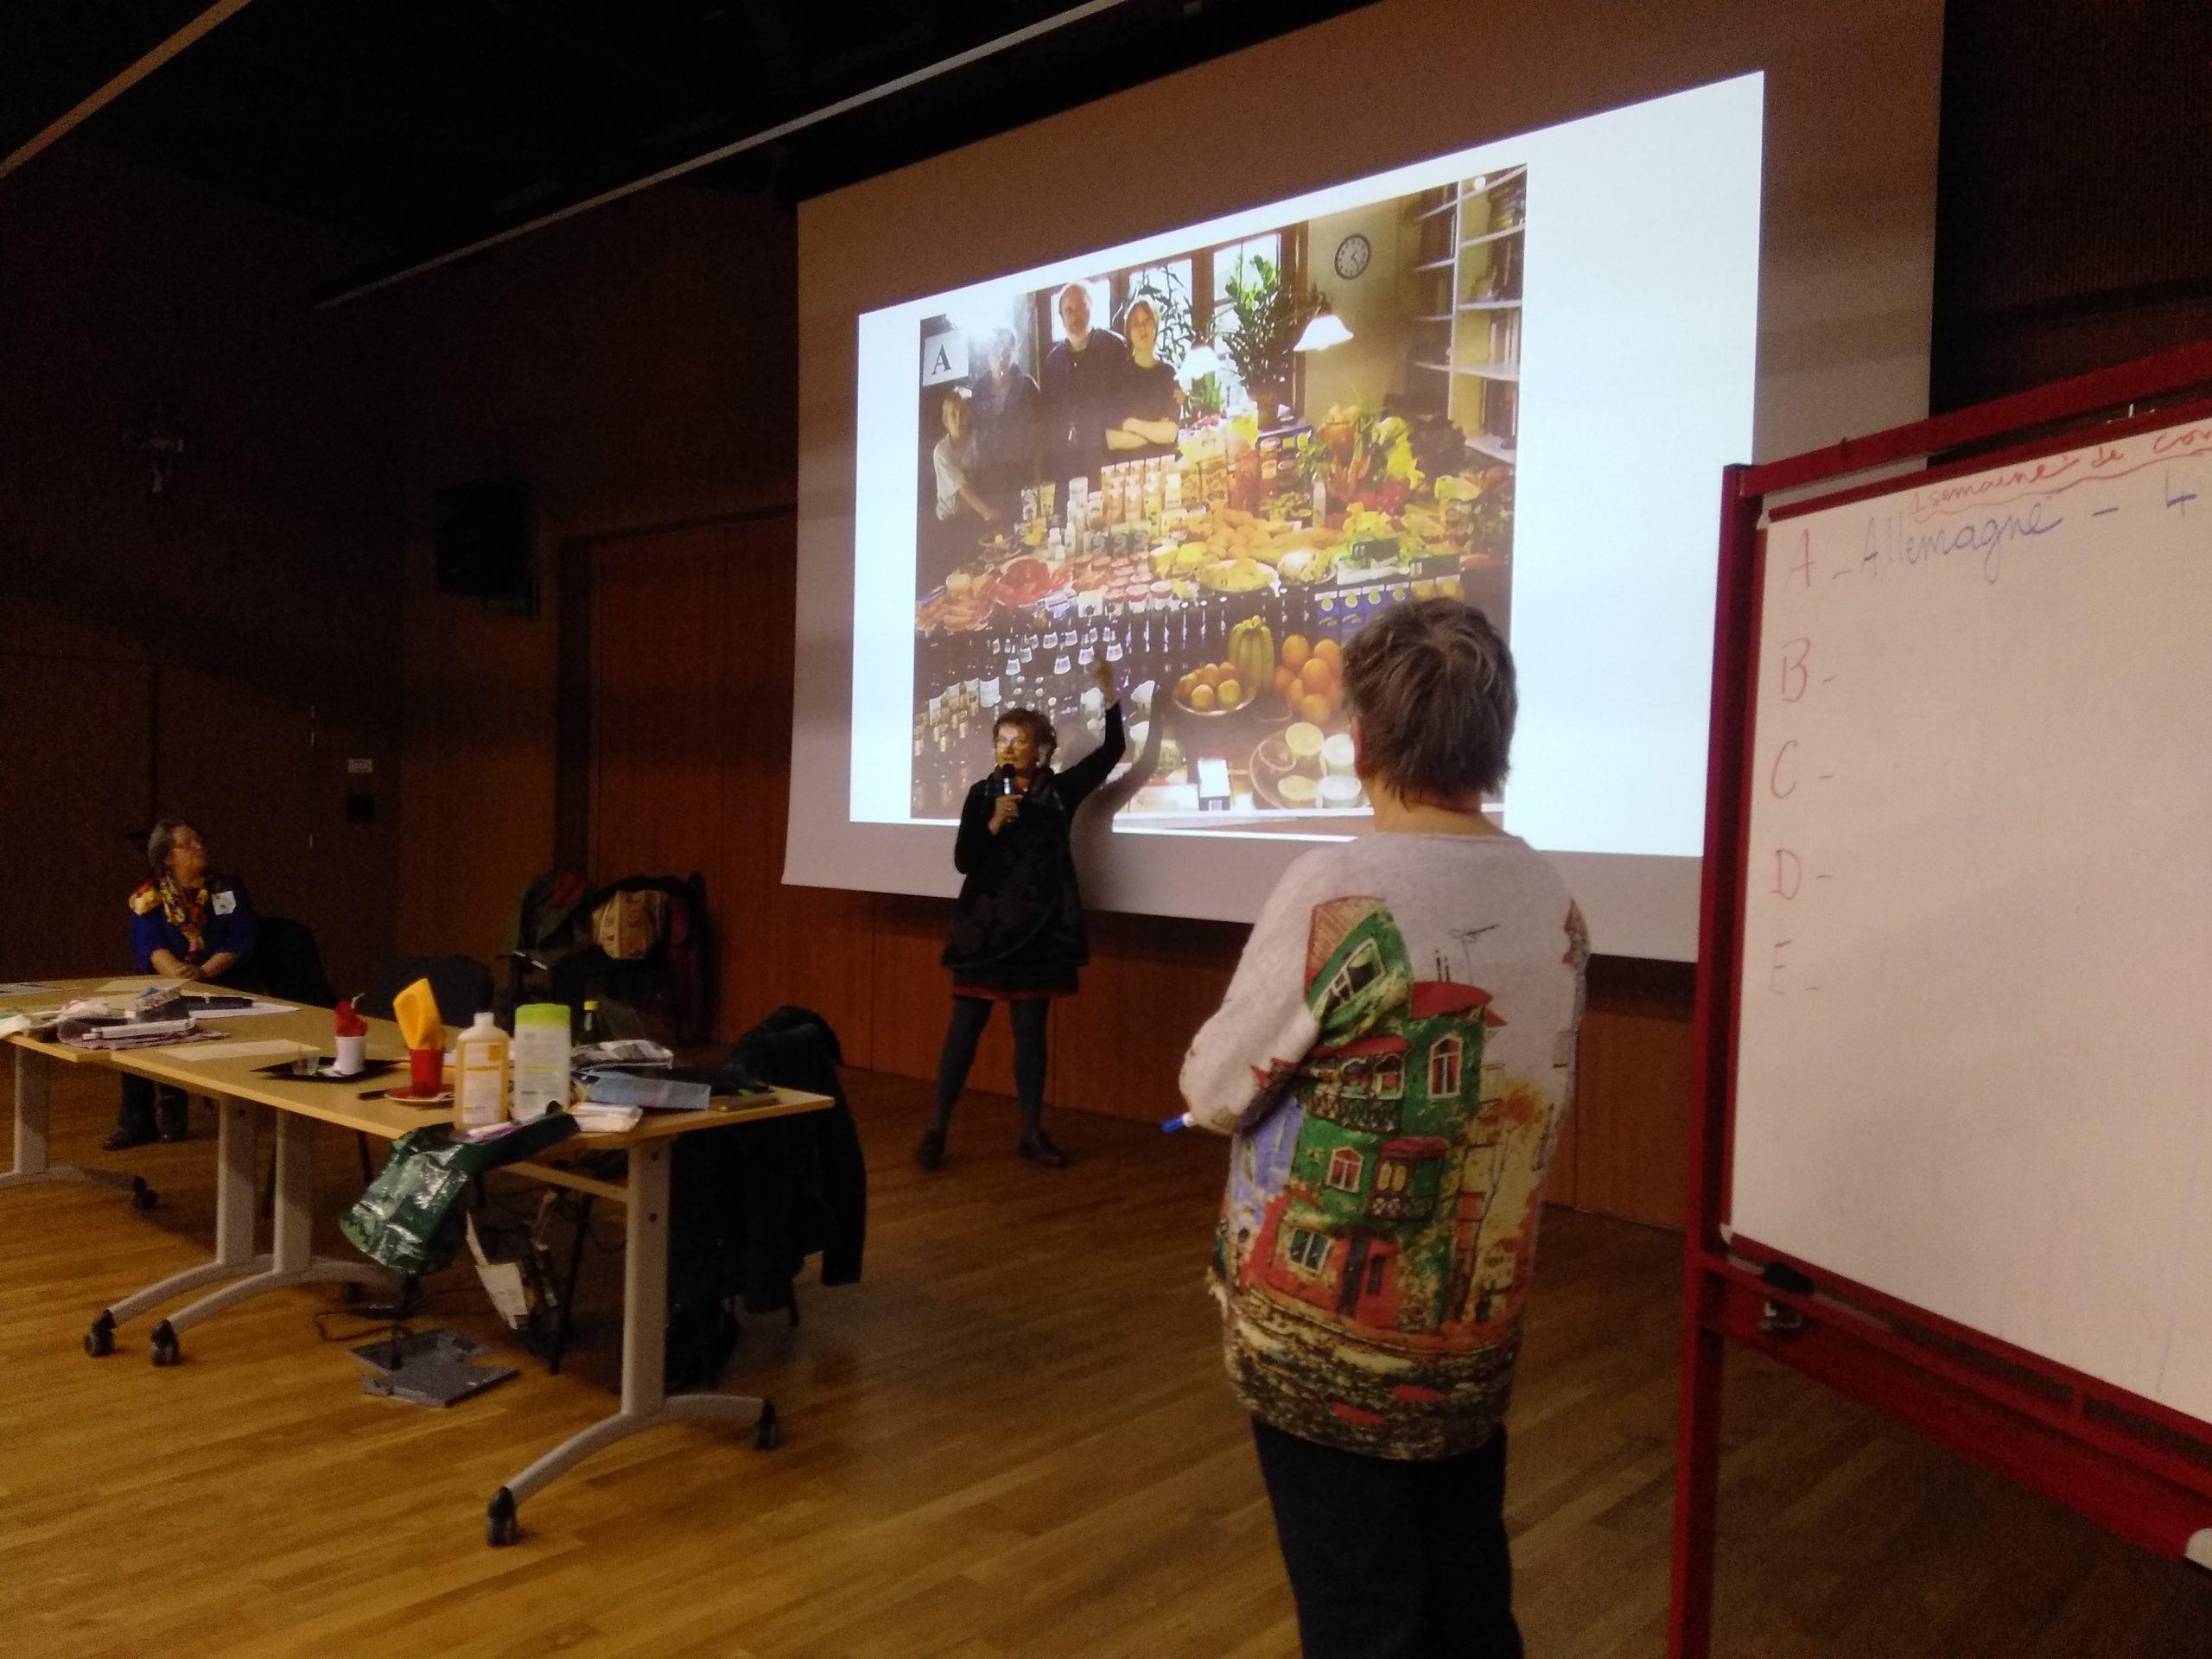 Semaine du développement durable au collège Le Sacré-Coeur : Polen intervient, auprès des 6èmes, sur les déchets